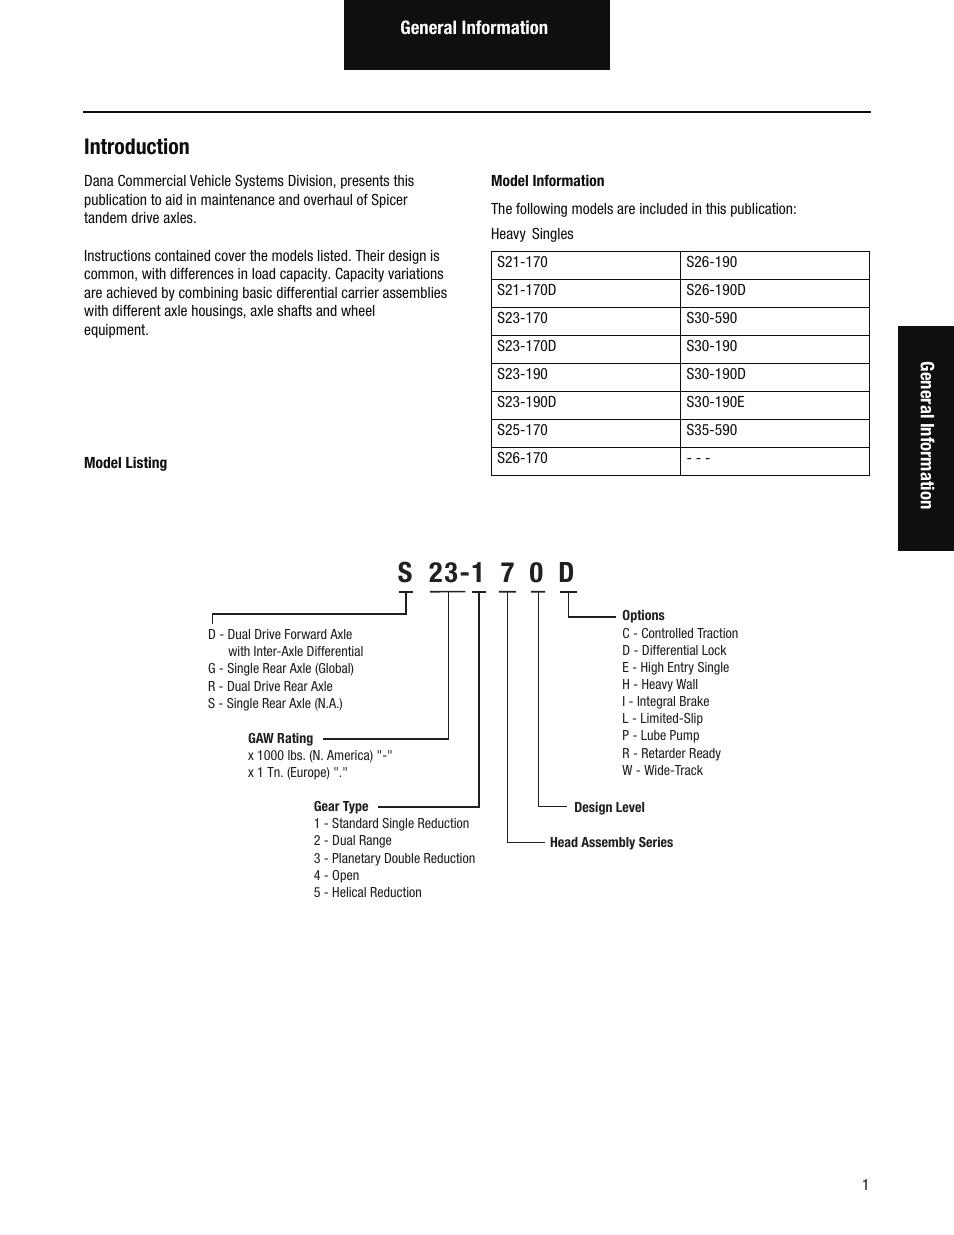 dana repair manual 213 axle